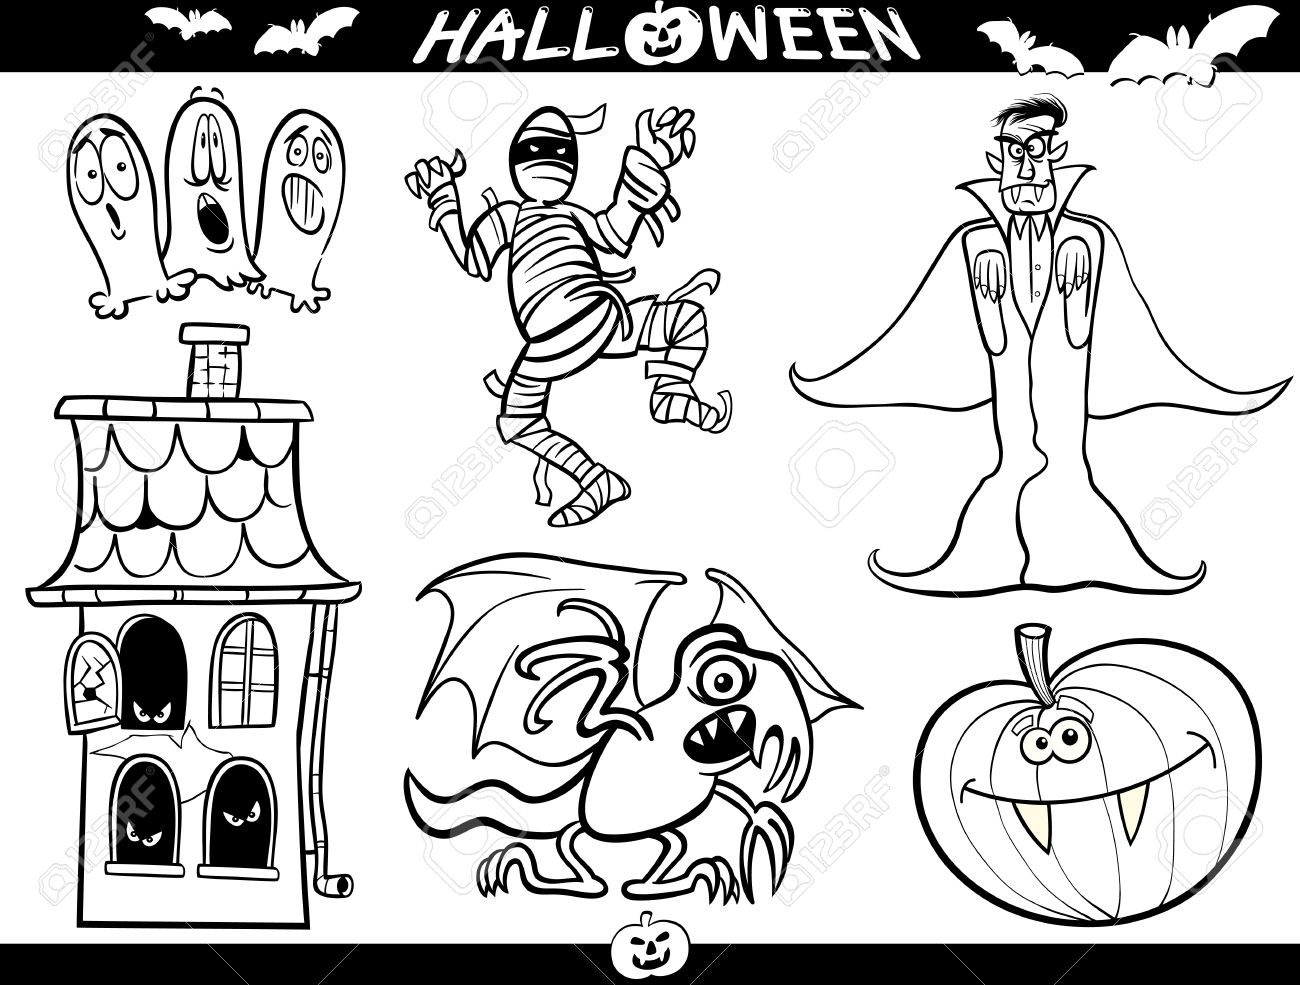 Ilustración De Dibujos Animados De Halloween Themes, Vampiro O El ...